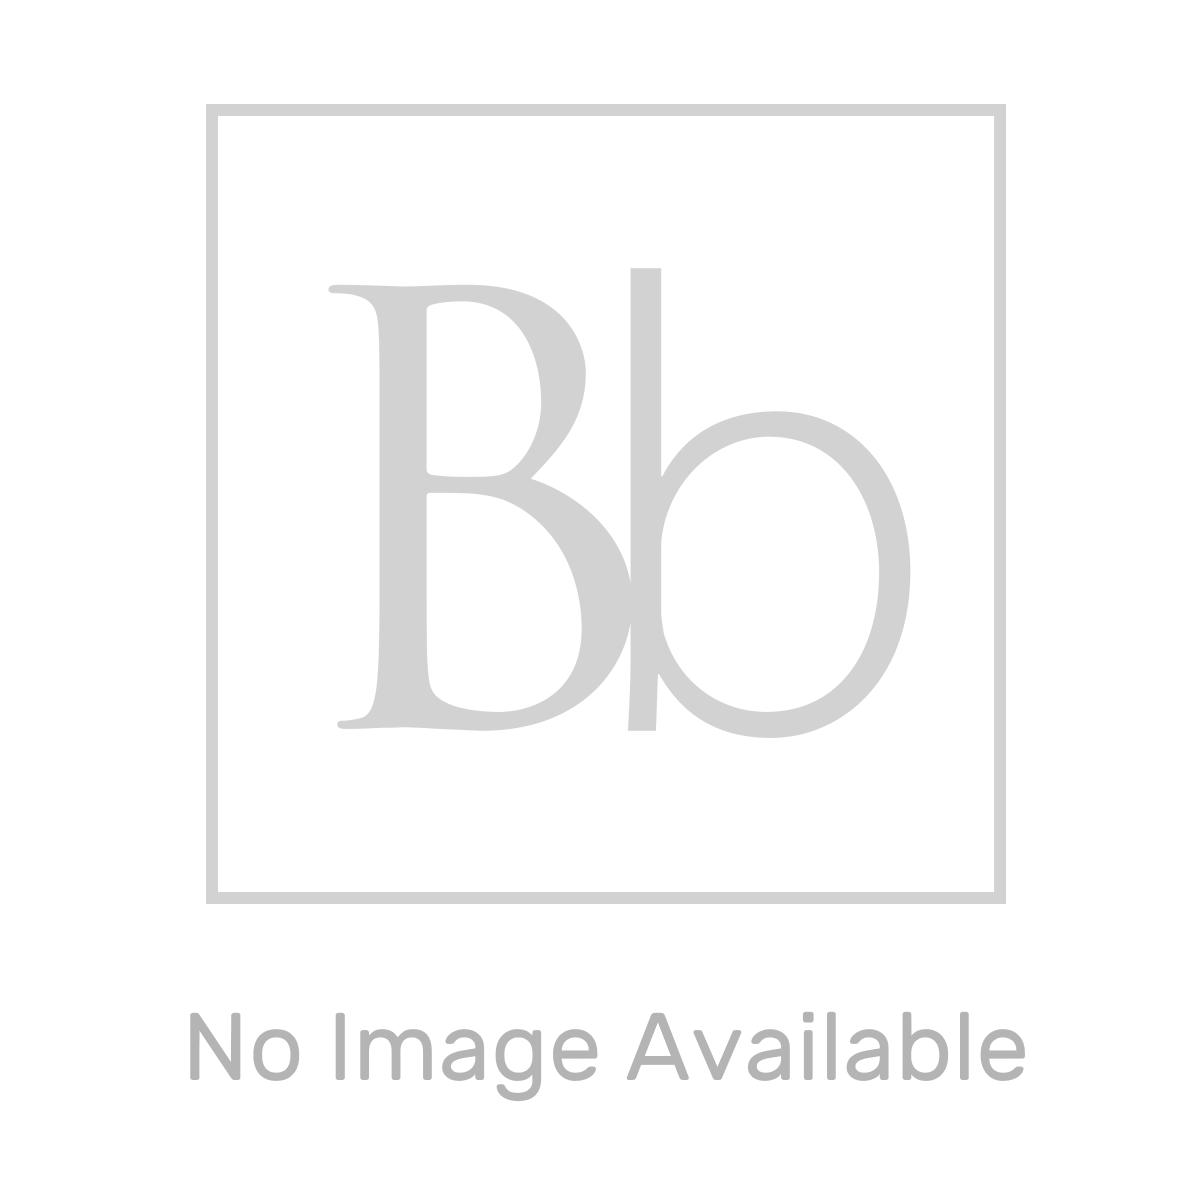 Forum Celeste 6 Light Ceiling Lamp